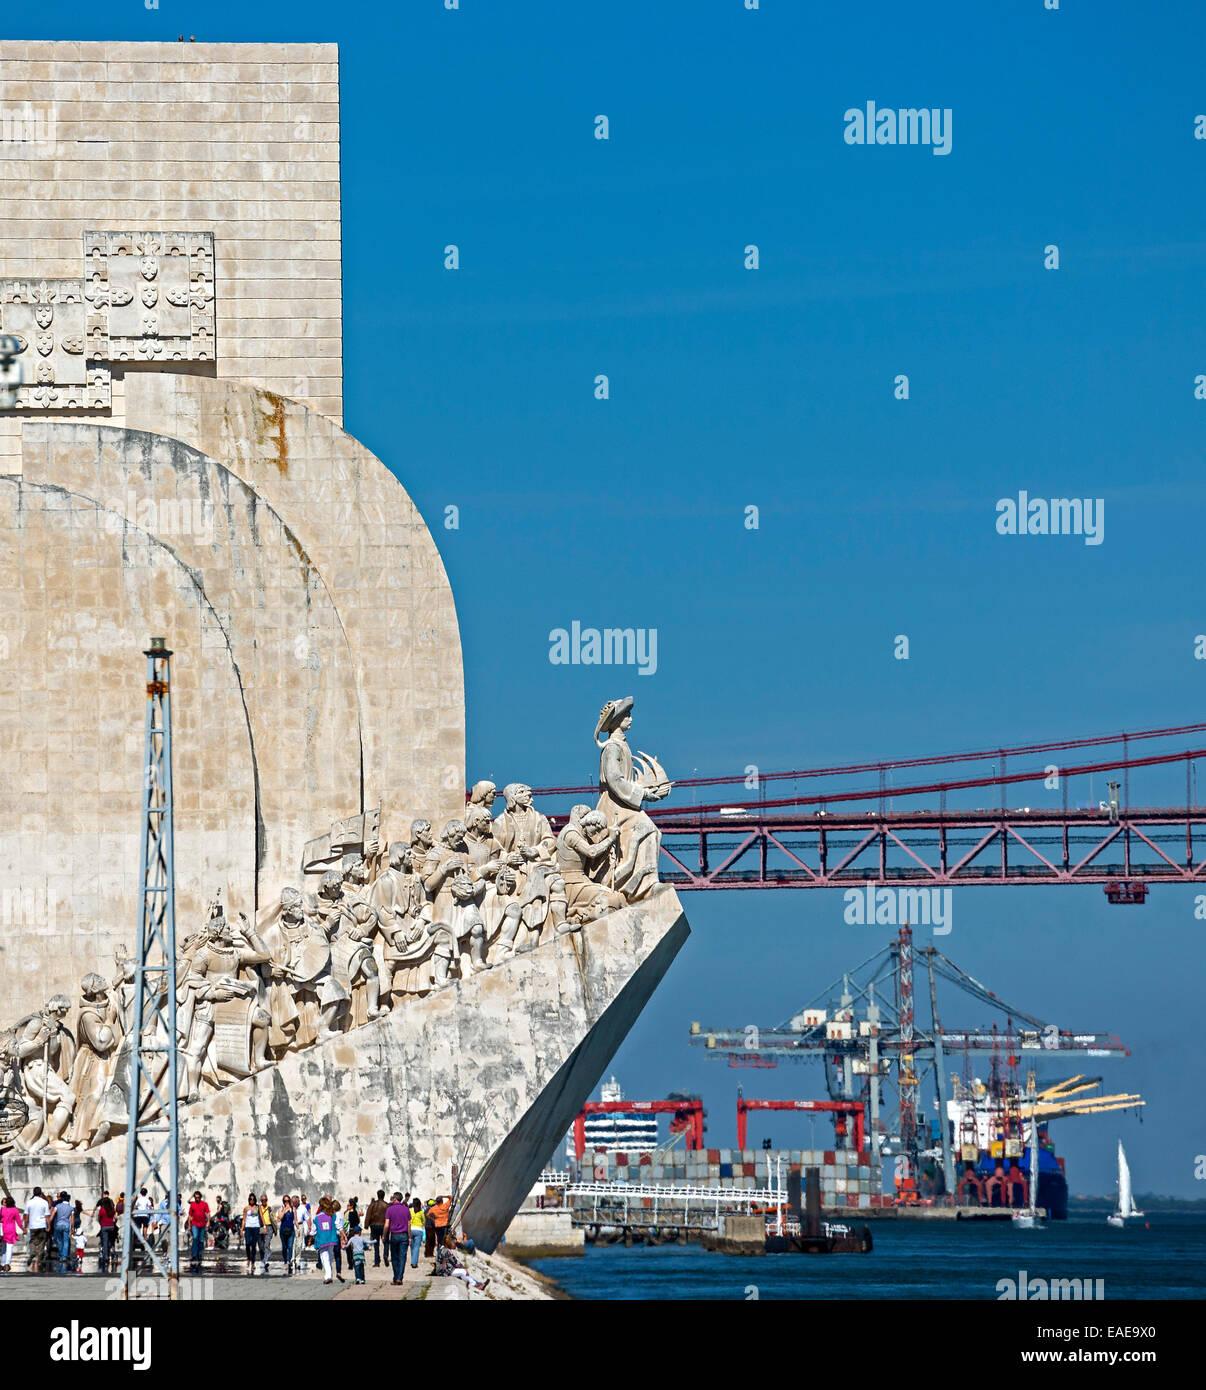 Padrão dos Descobrimentos, Monument to the Discoveries, Ponte 25 de Abril, 25th of April Bridge, Belém, - Stock Image